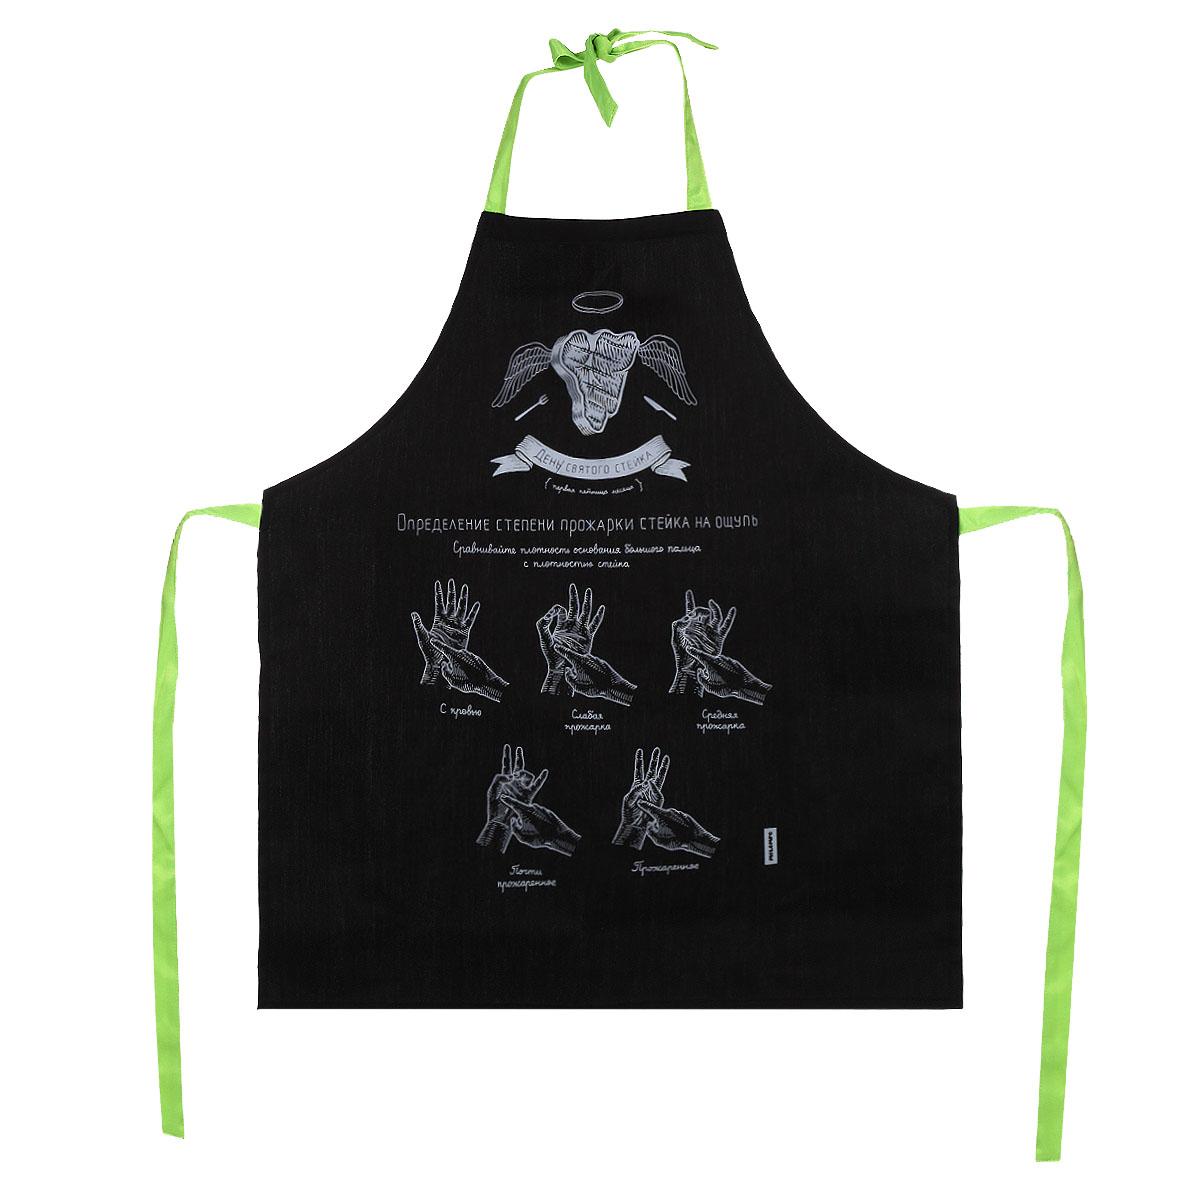 Фартук Melompo Стейк, 76 см х 68 смBV1079Фартук Melompo Стейк поможет вам избежать попадания еды на вашу одежду во время приготовления какого-либо блюда. Выполнен из хлопка и полиэстера. На фартуке имеются удобная лямка и завязки. На фартук нанесена инструкция по определению степени прожарки стейка. Крой универсальный, подходит кулинарам обоих полов и разных комплекций.